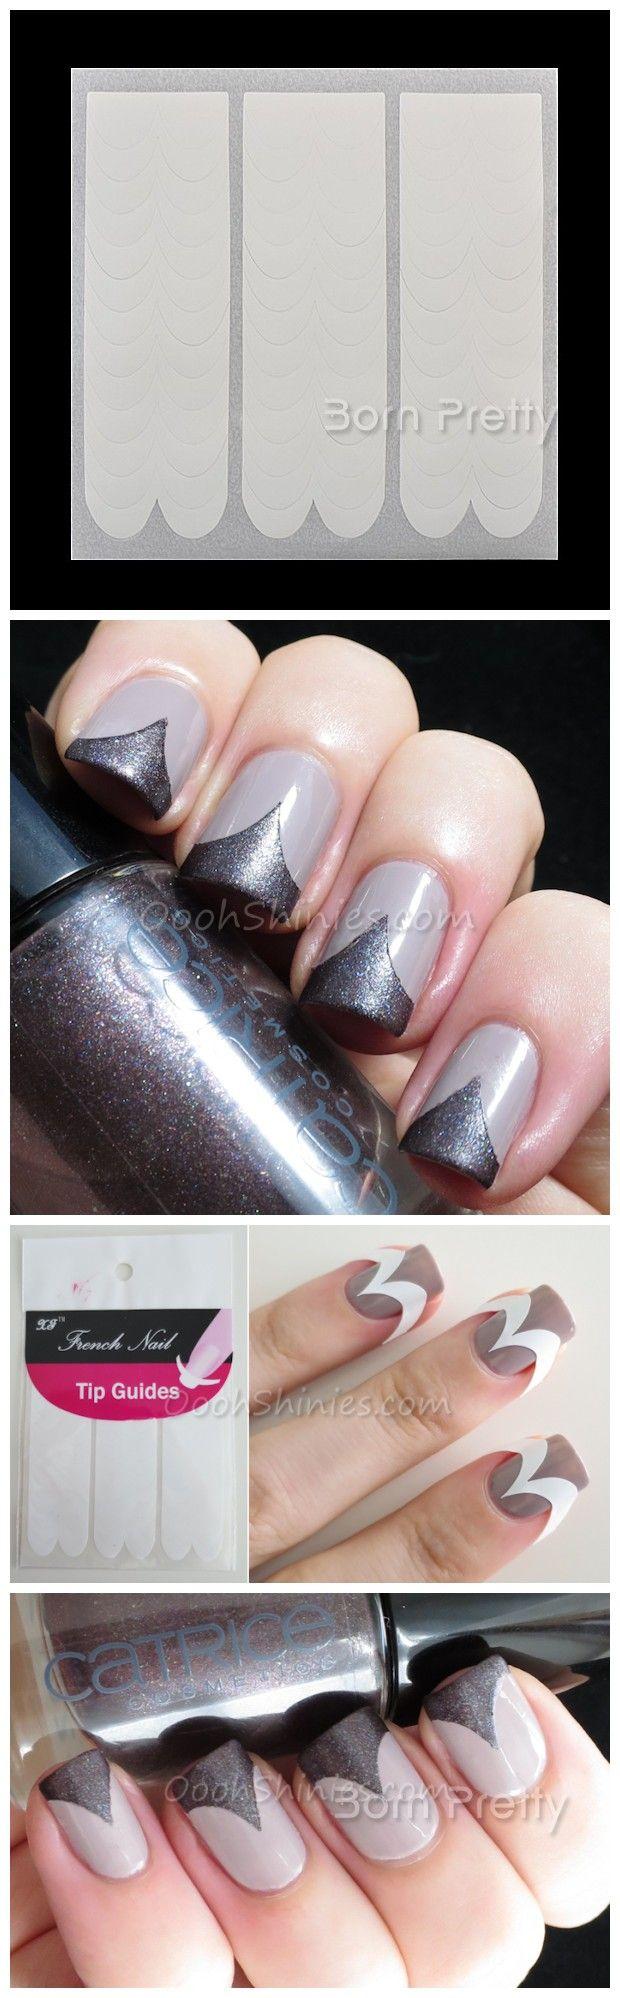 69 besten Nails stuff Bilder auf Pinterest   Nagelkunst, Werkzeuge ...